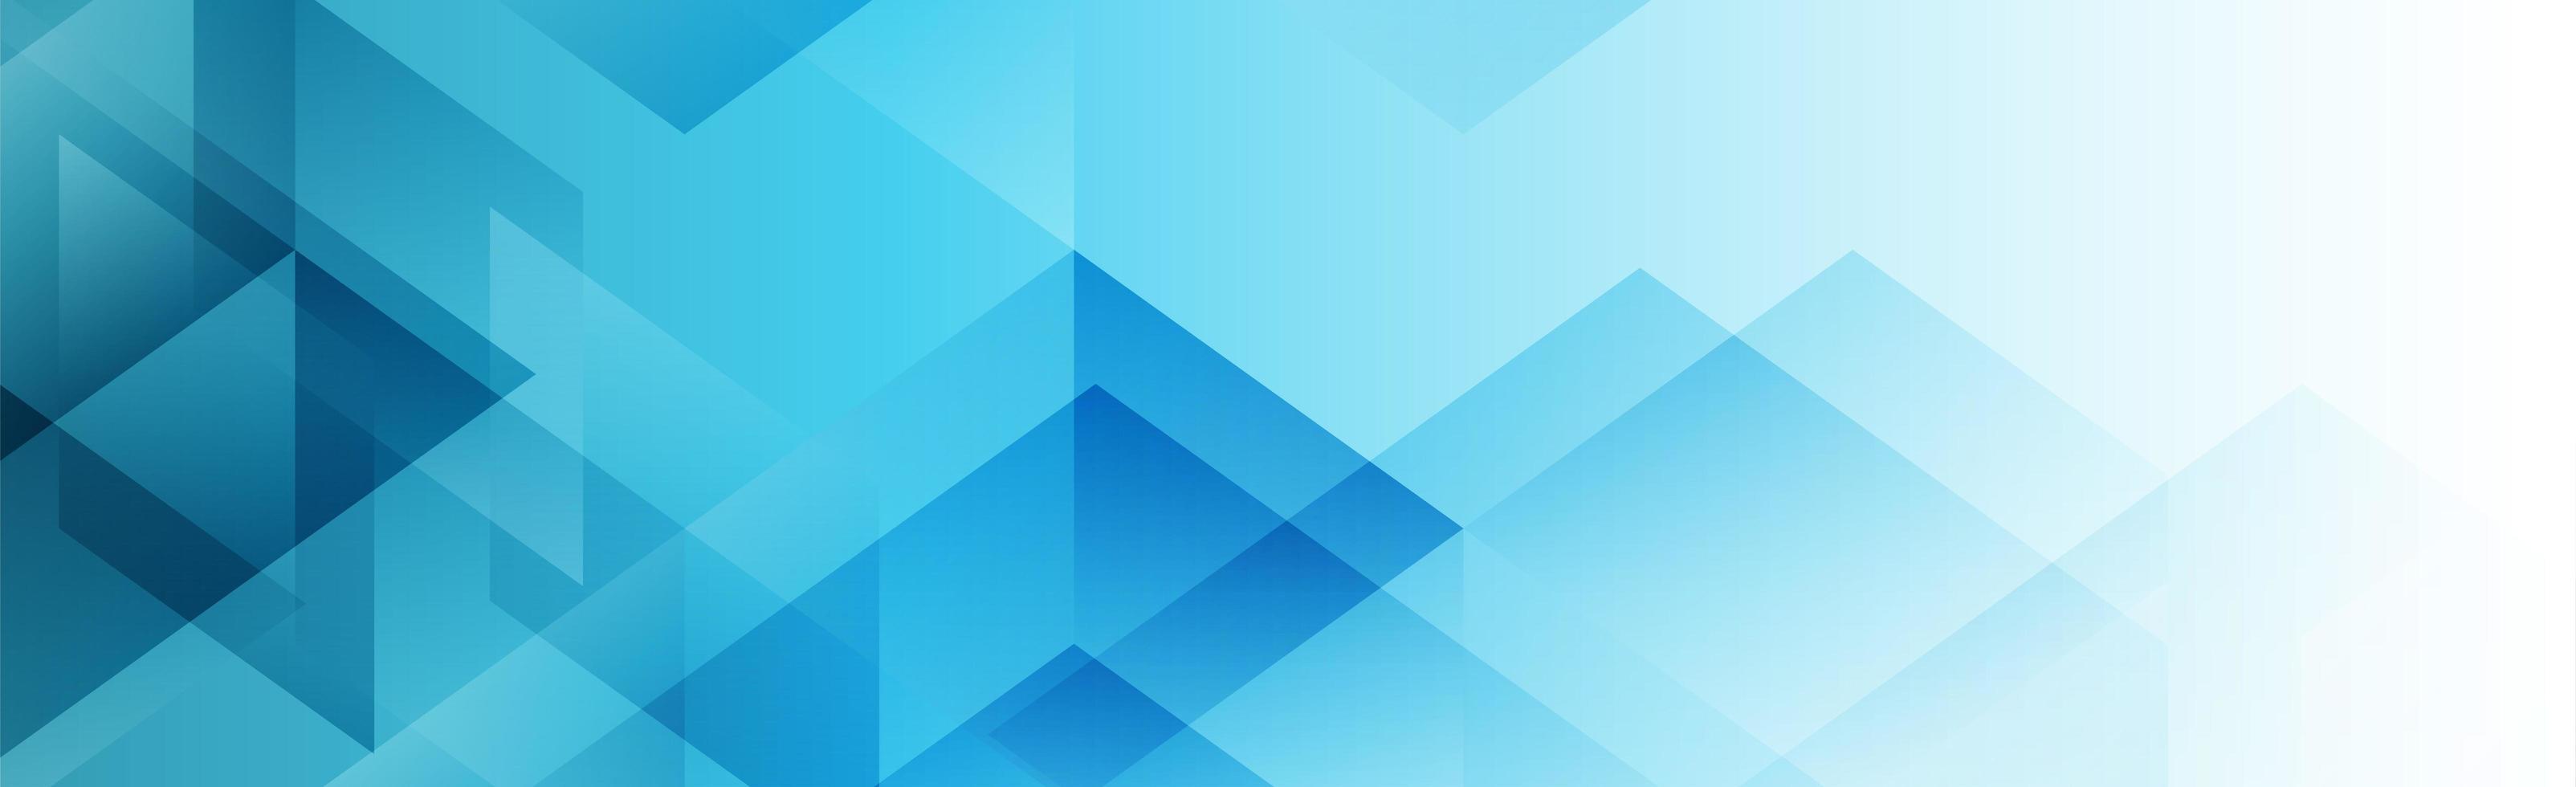 fond abstrait bannière polygonale vecteur